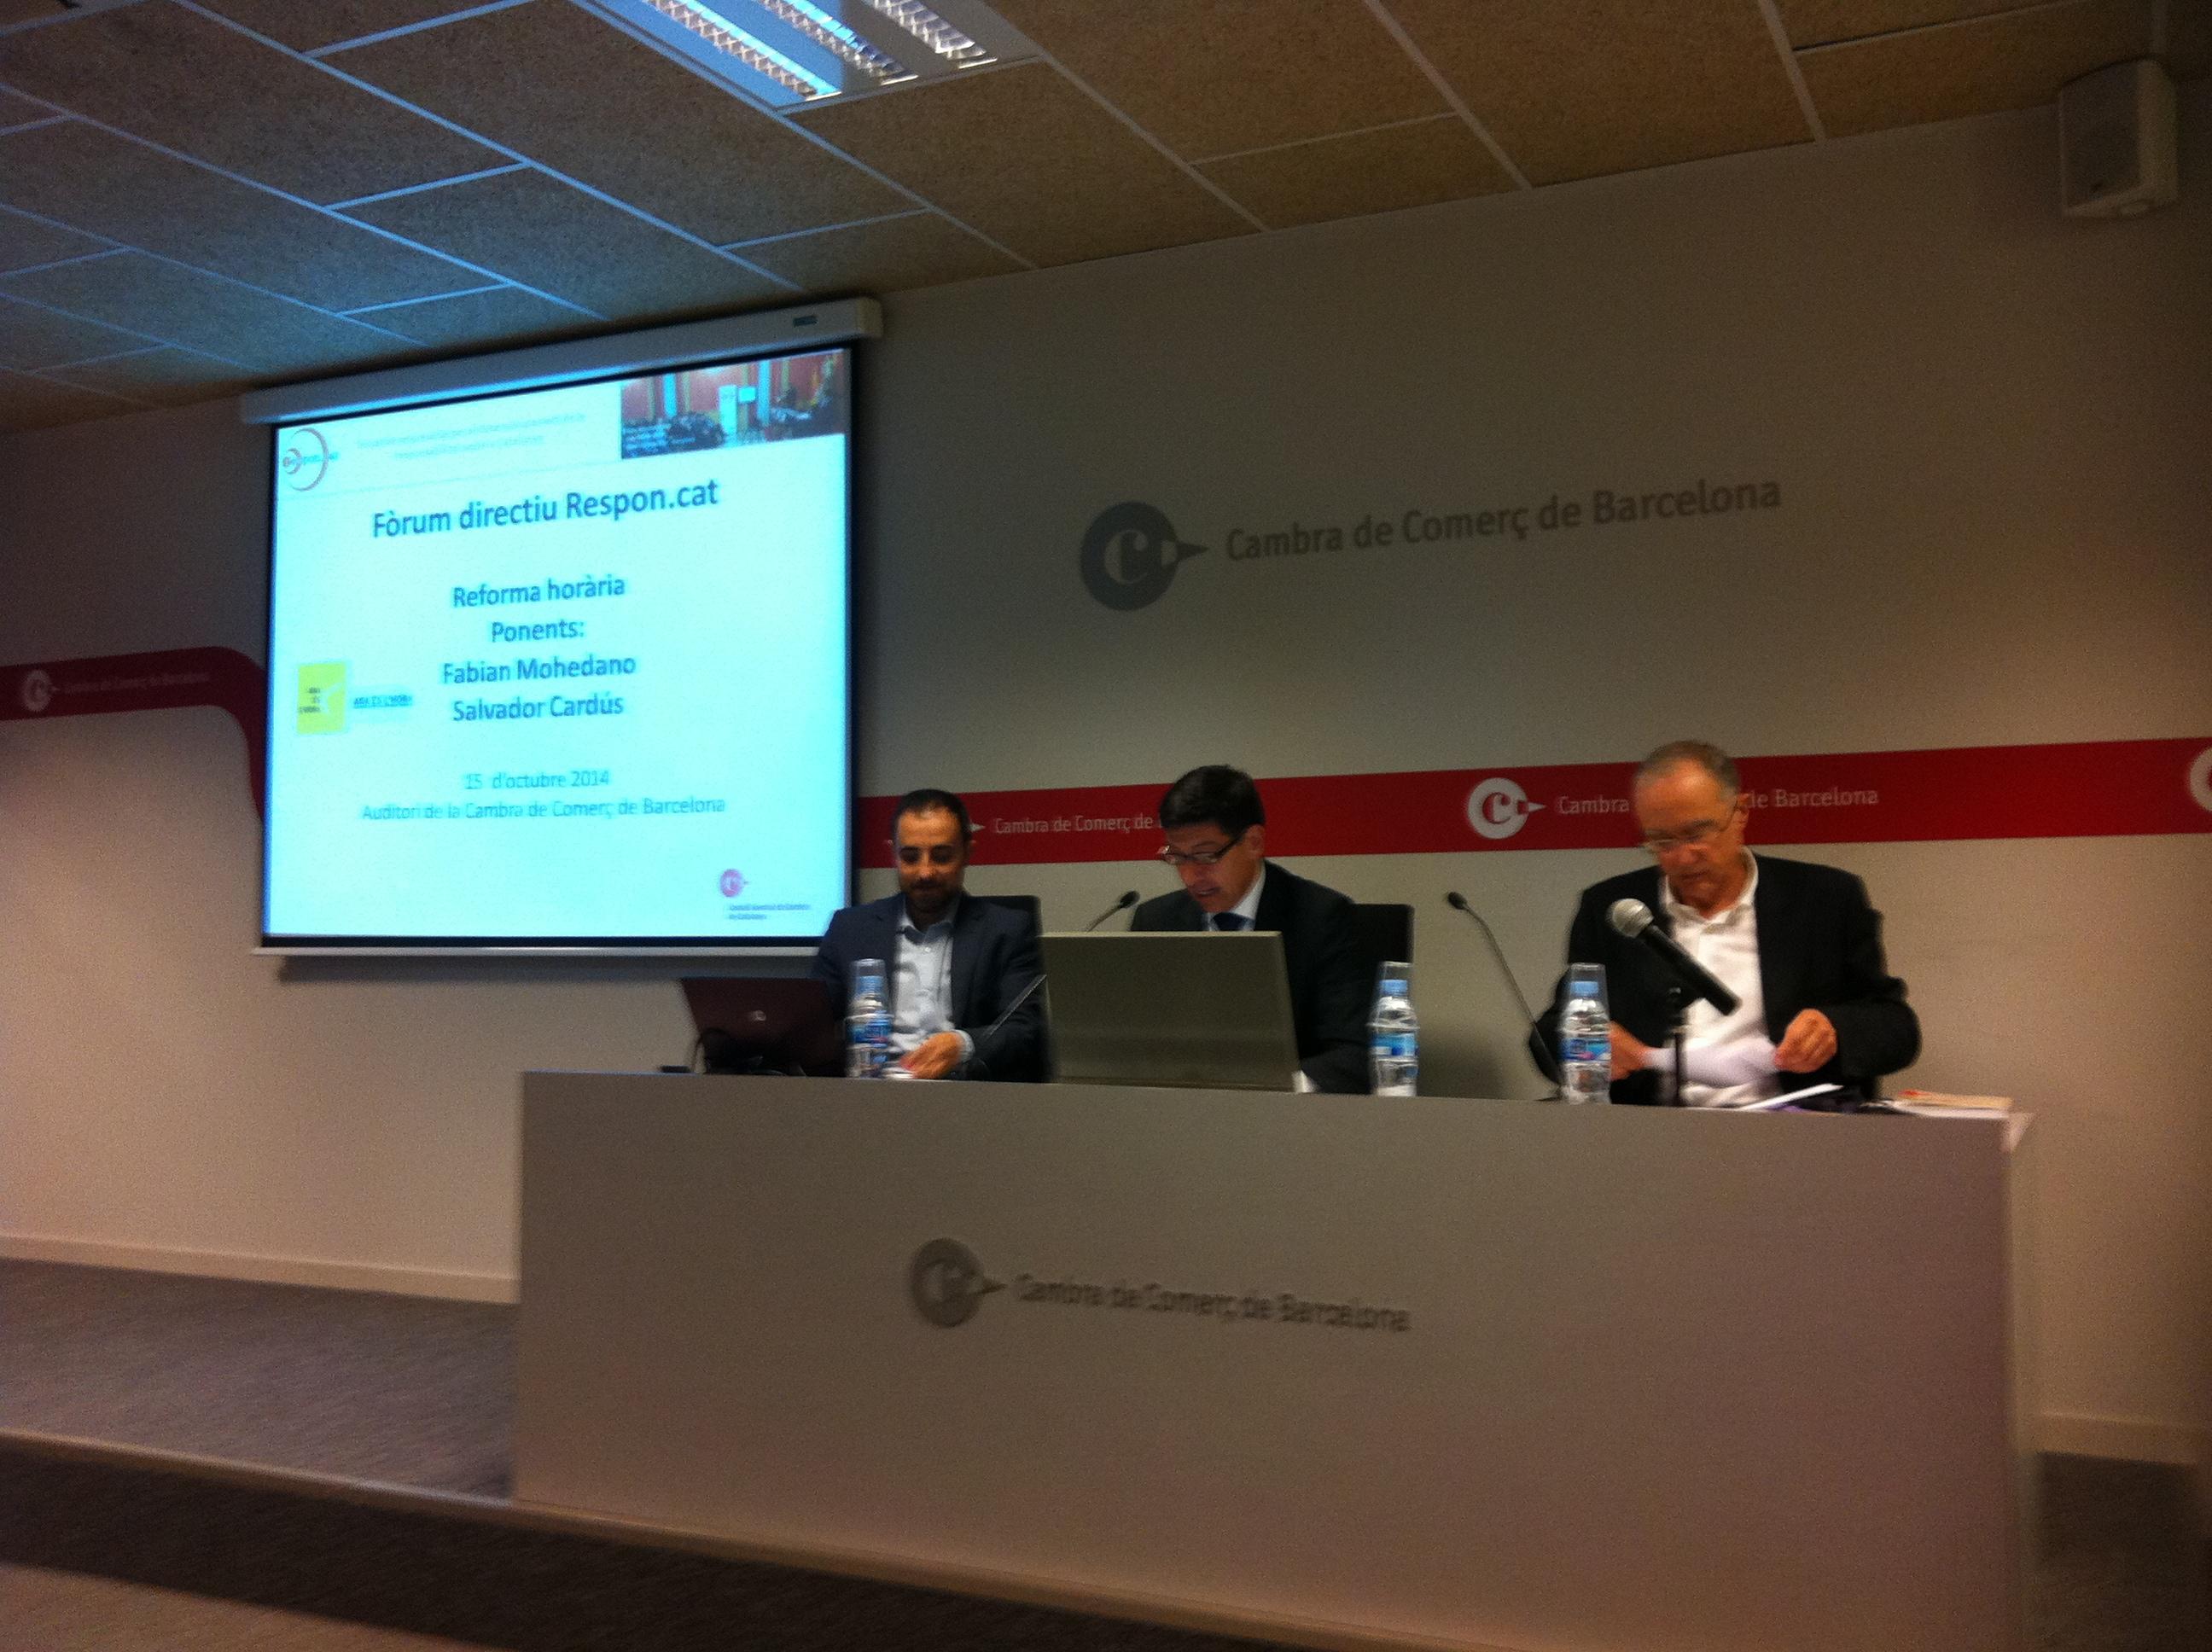 Fabian Mohedano, Joan Pinyol i Salvador Cardús al Fòrum directiu sobre la reforma horària organitzat per respon.cat a la Cambra de Comerç de Barcelona